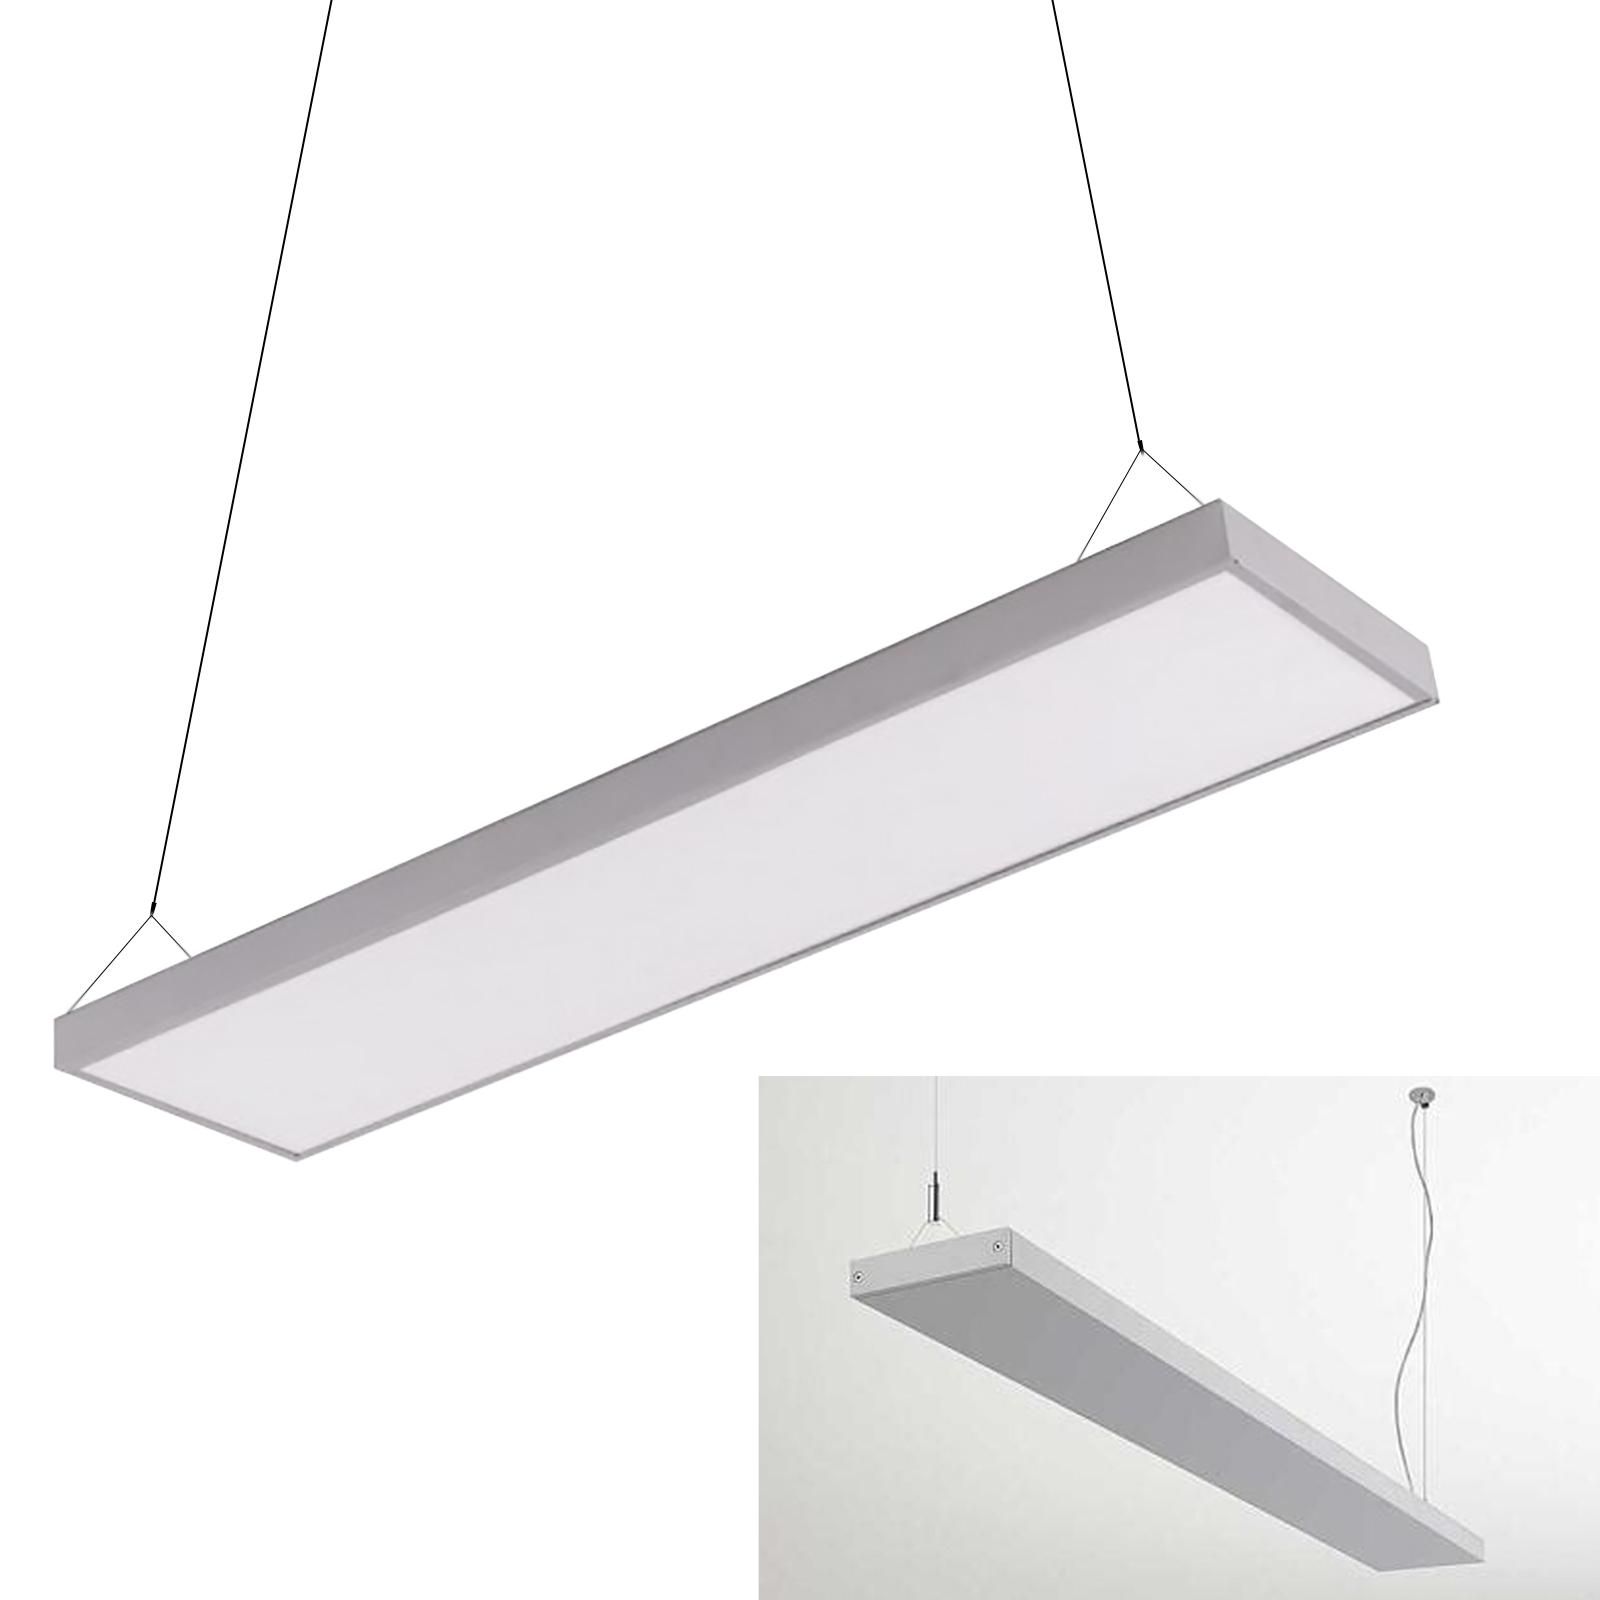 Lampade Sospensione Per Ufficio.Pannello Led Bianco Pendente Sospensione 120x18cm 45w 6400k Negozio Ufficio